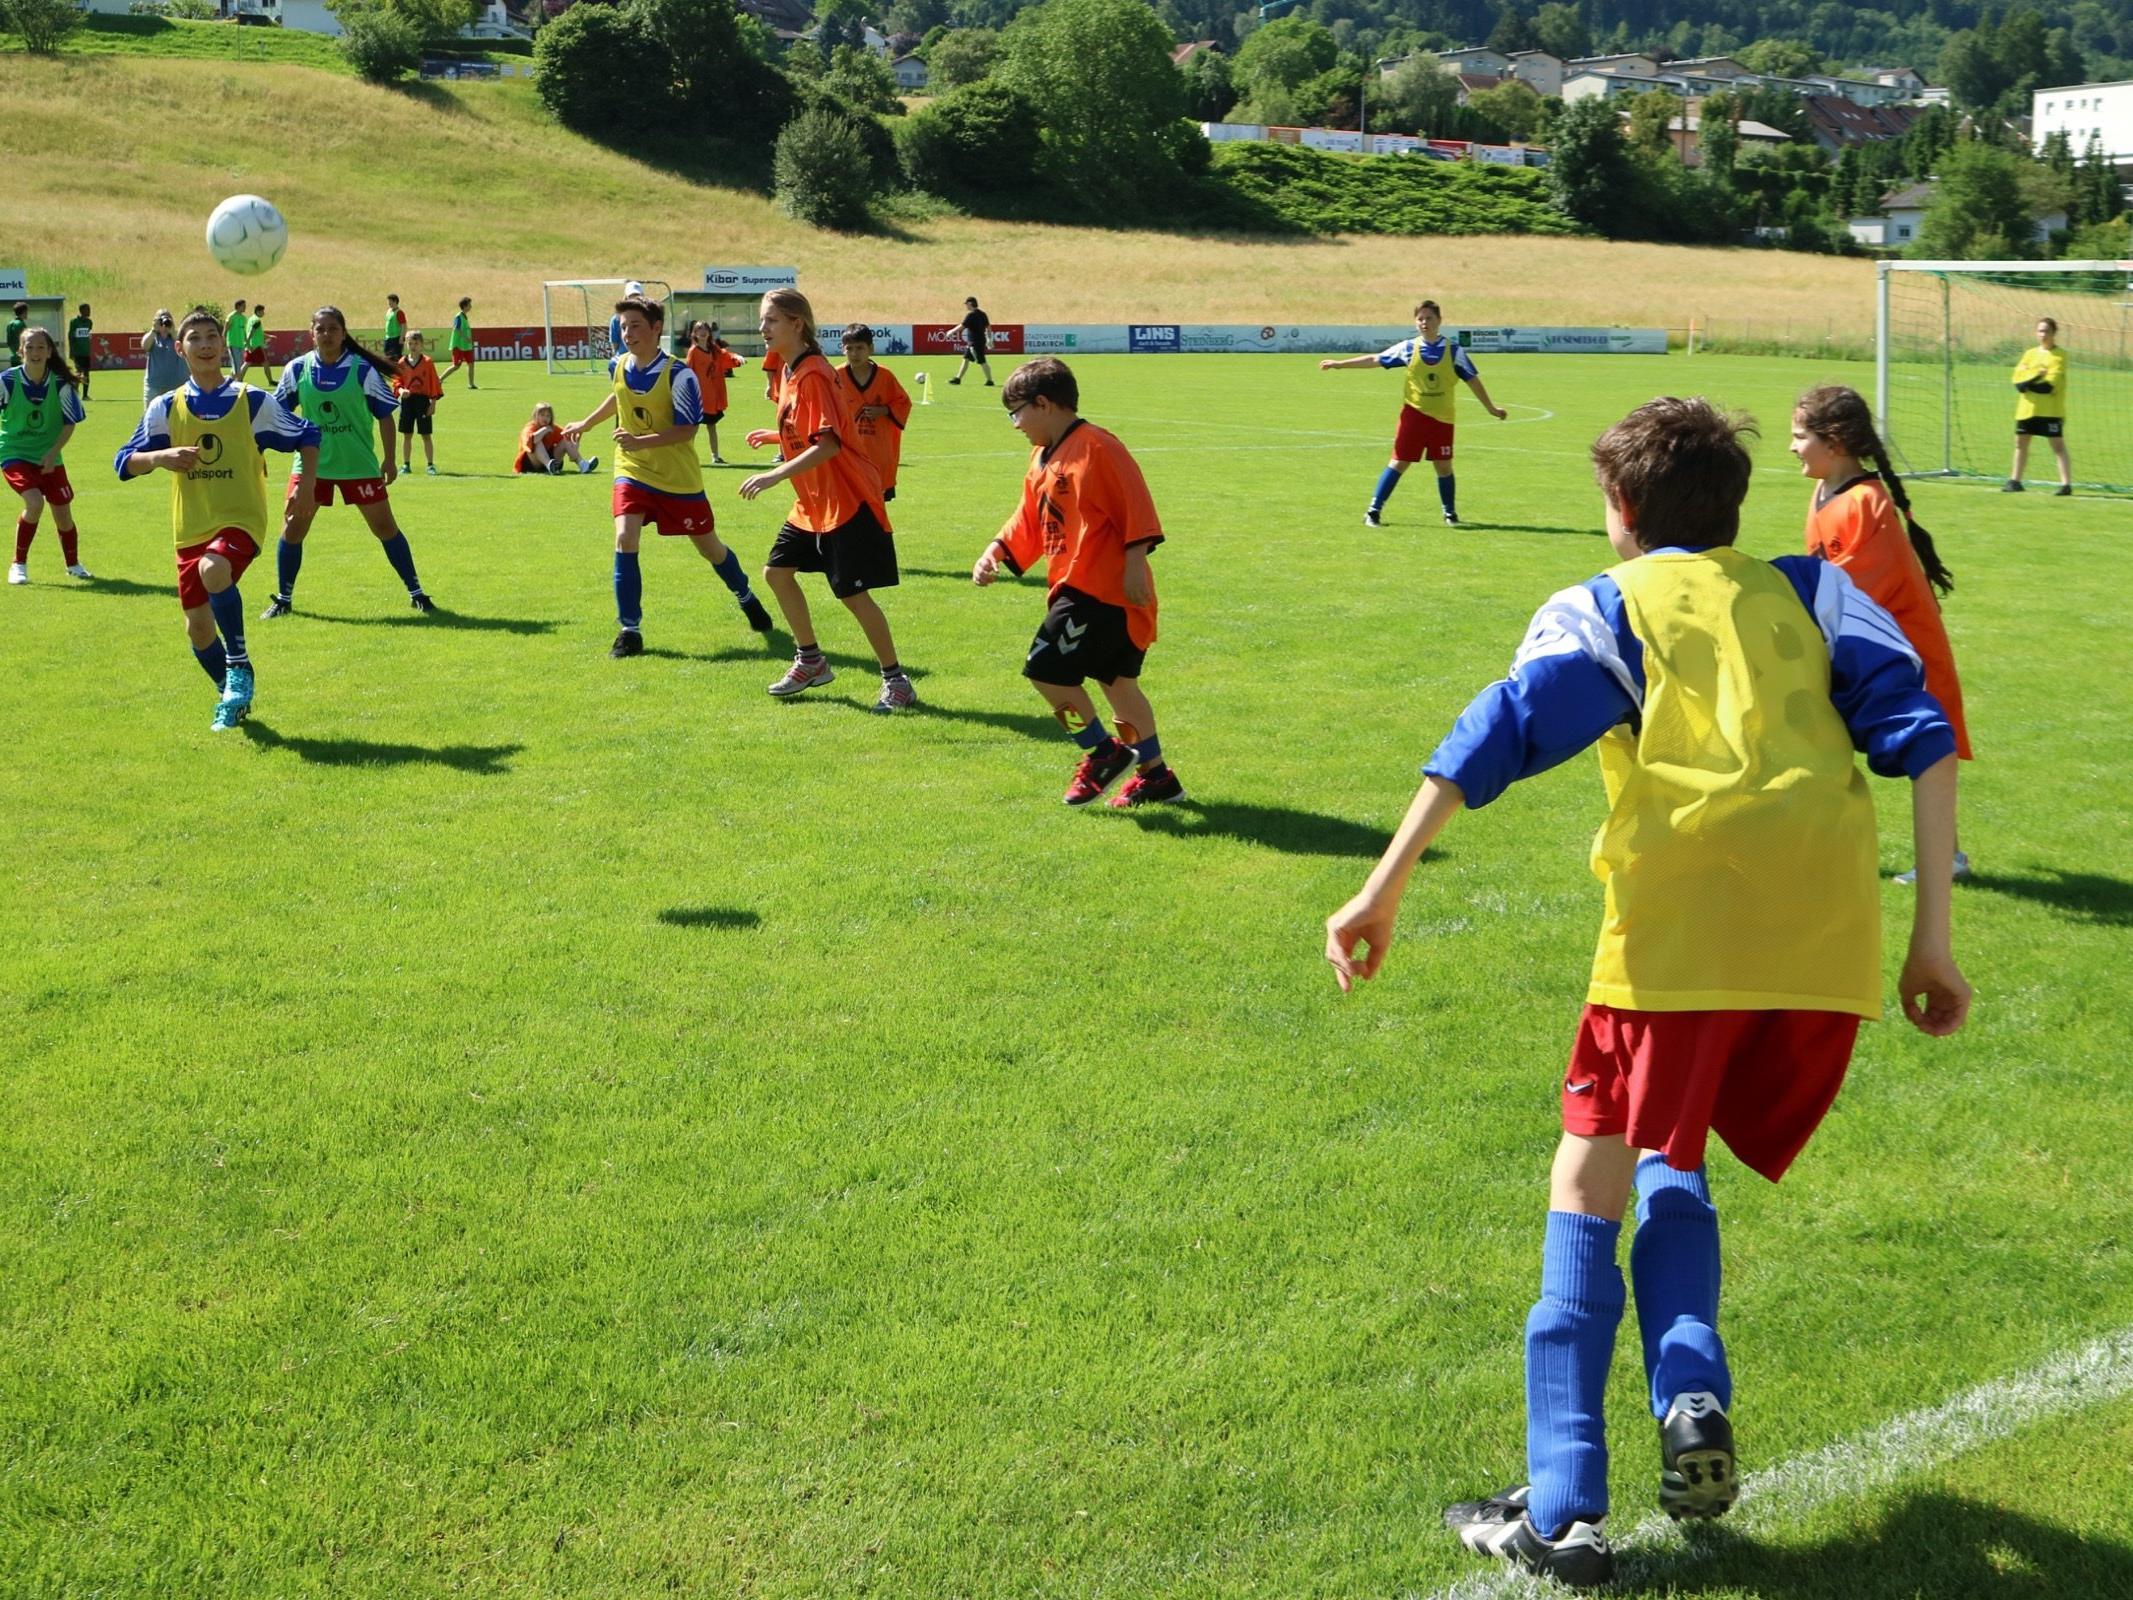 Angespornt von den EM Vorbildern kämpften Buben wie Mädchen mit großer Begeisterung um die begehrten Pokale beim Fußballfest in Tisis.